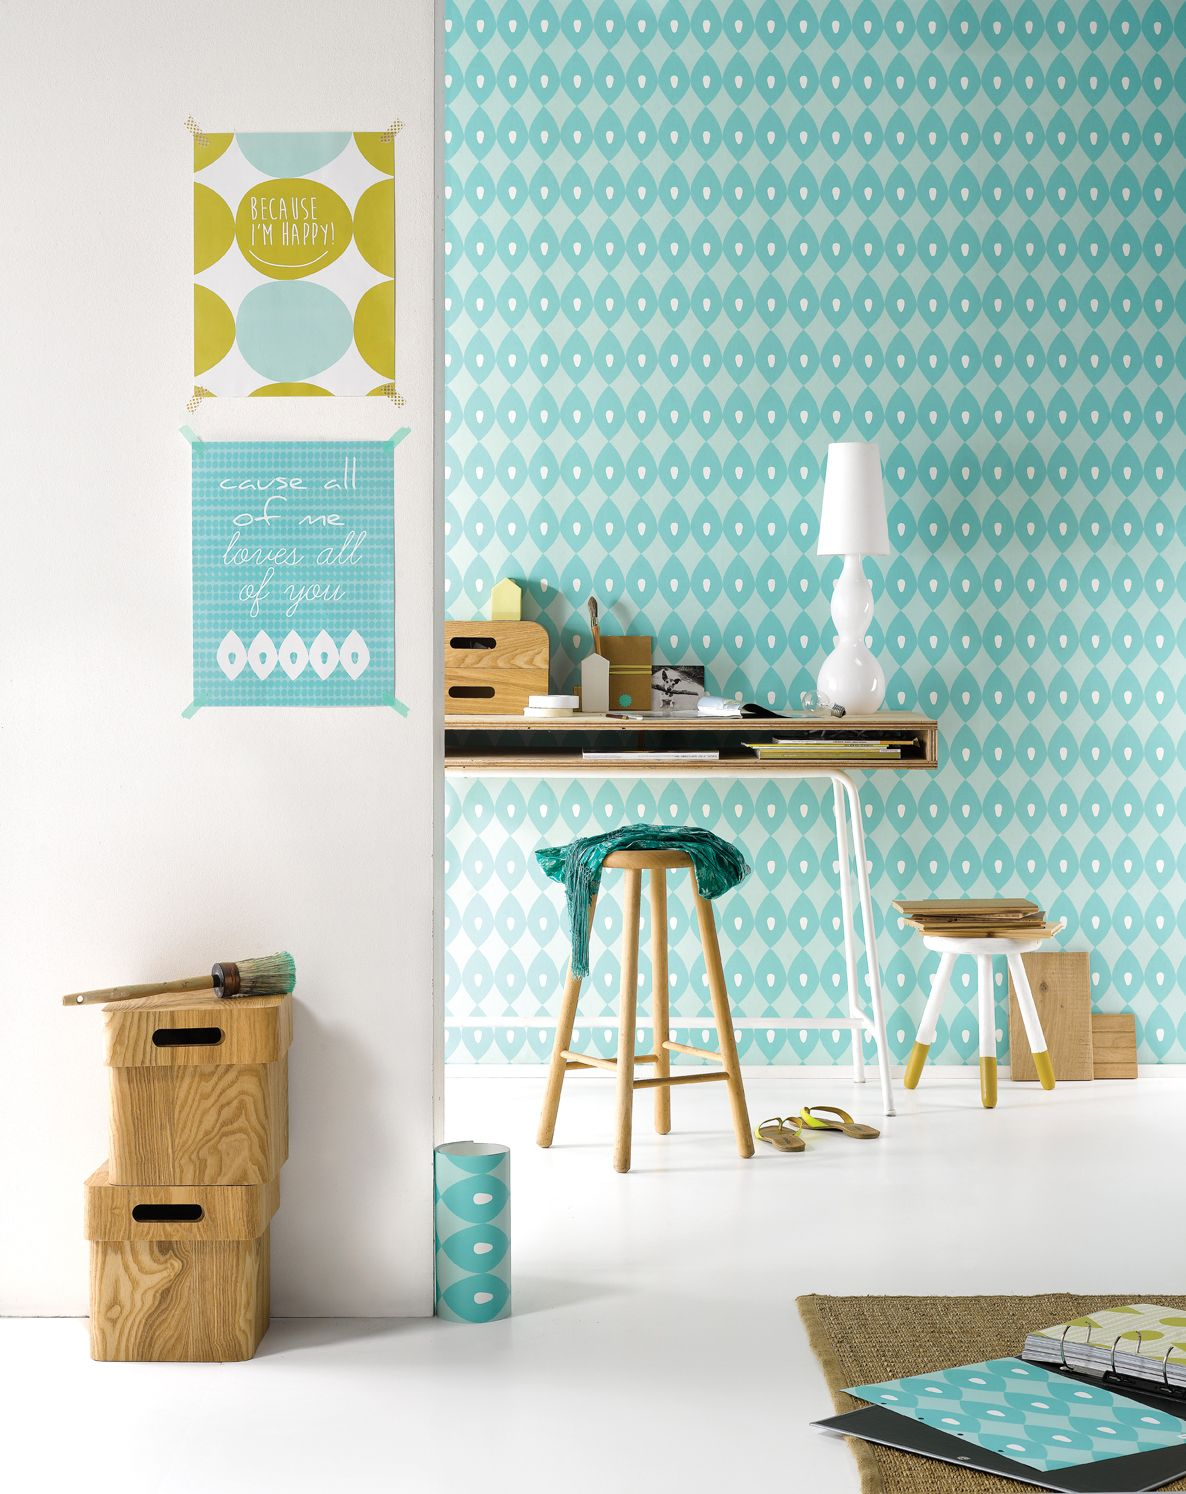 behang wall me 14 fresh yarn, muur we m85 soft skin uit de, Deco ideeën